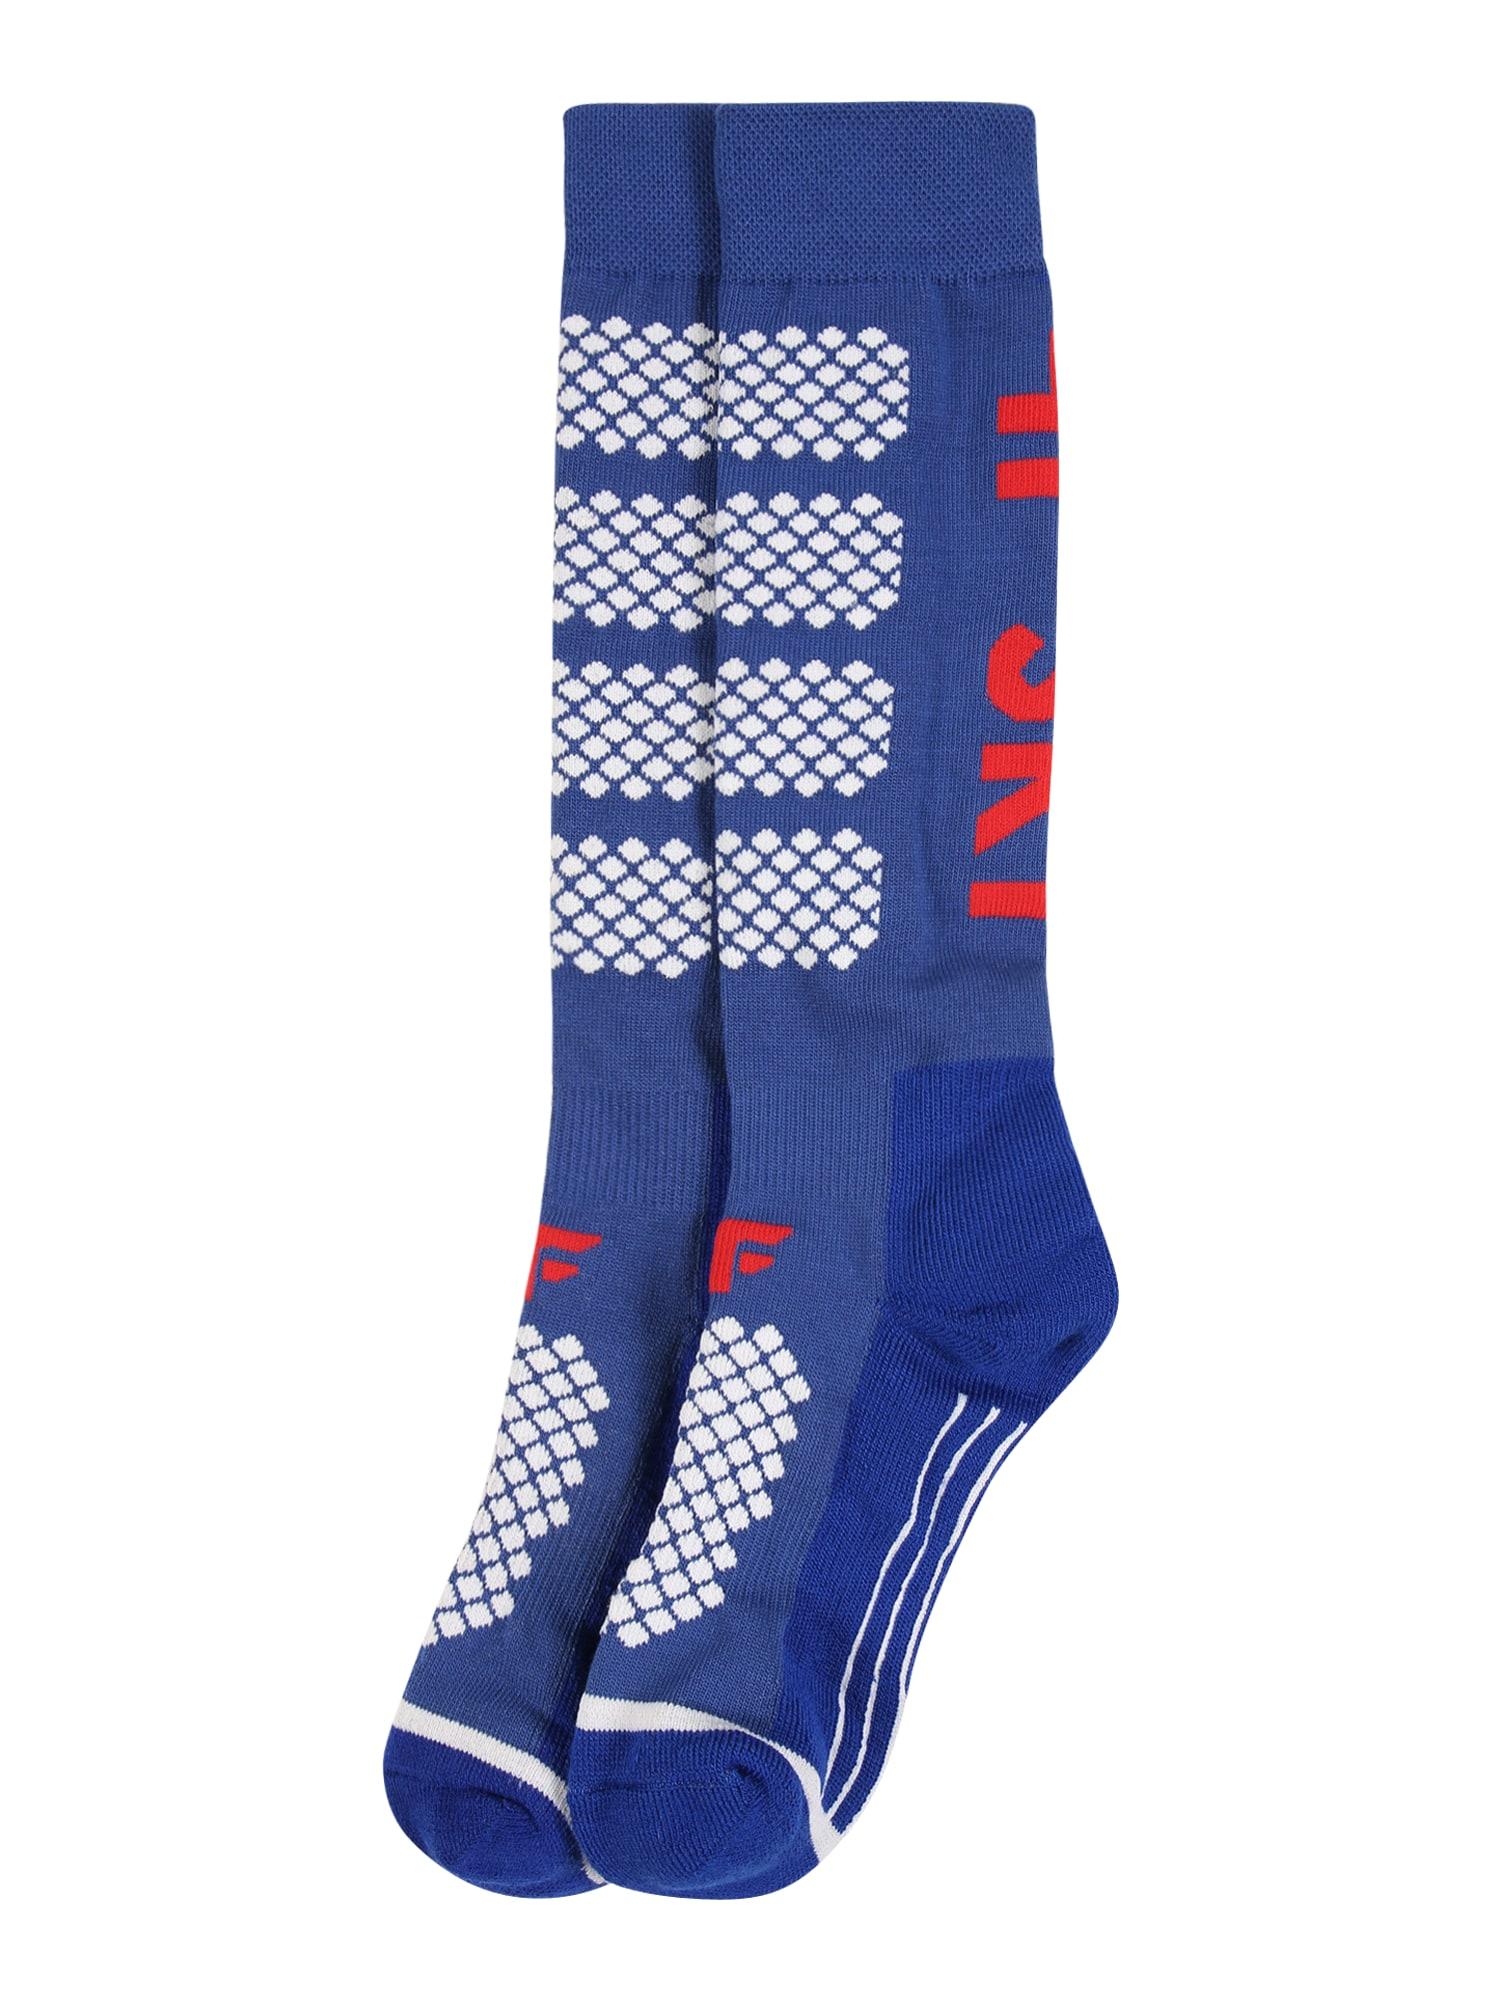 4F Sportinės kojinės kobalto mėlyna / balta / raudona